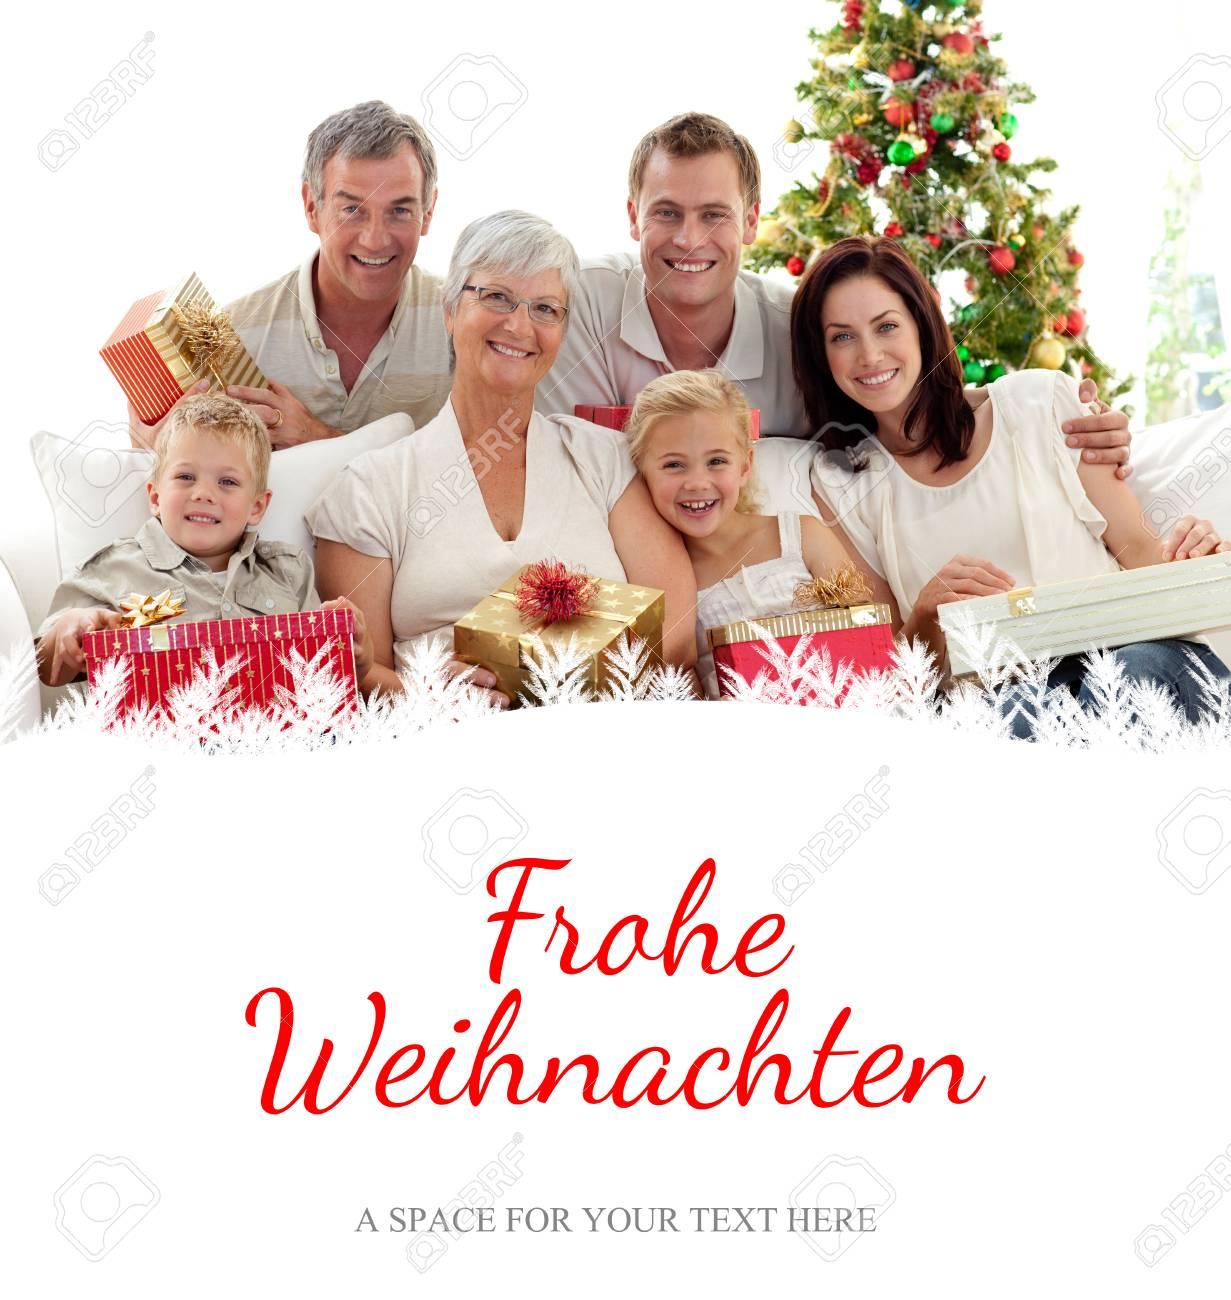 Familie Hält Weihnachtsgeschenke Zu Hause Gegen Weihnachtsgruß Auf ...